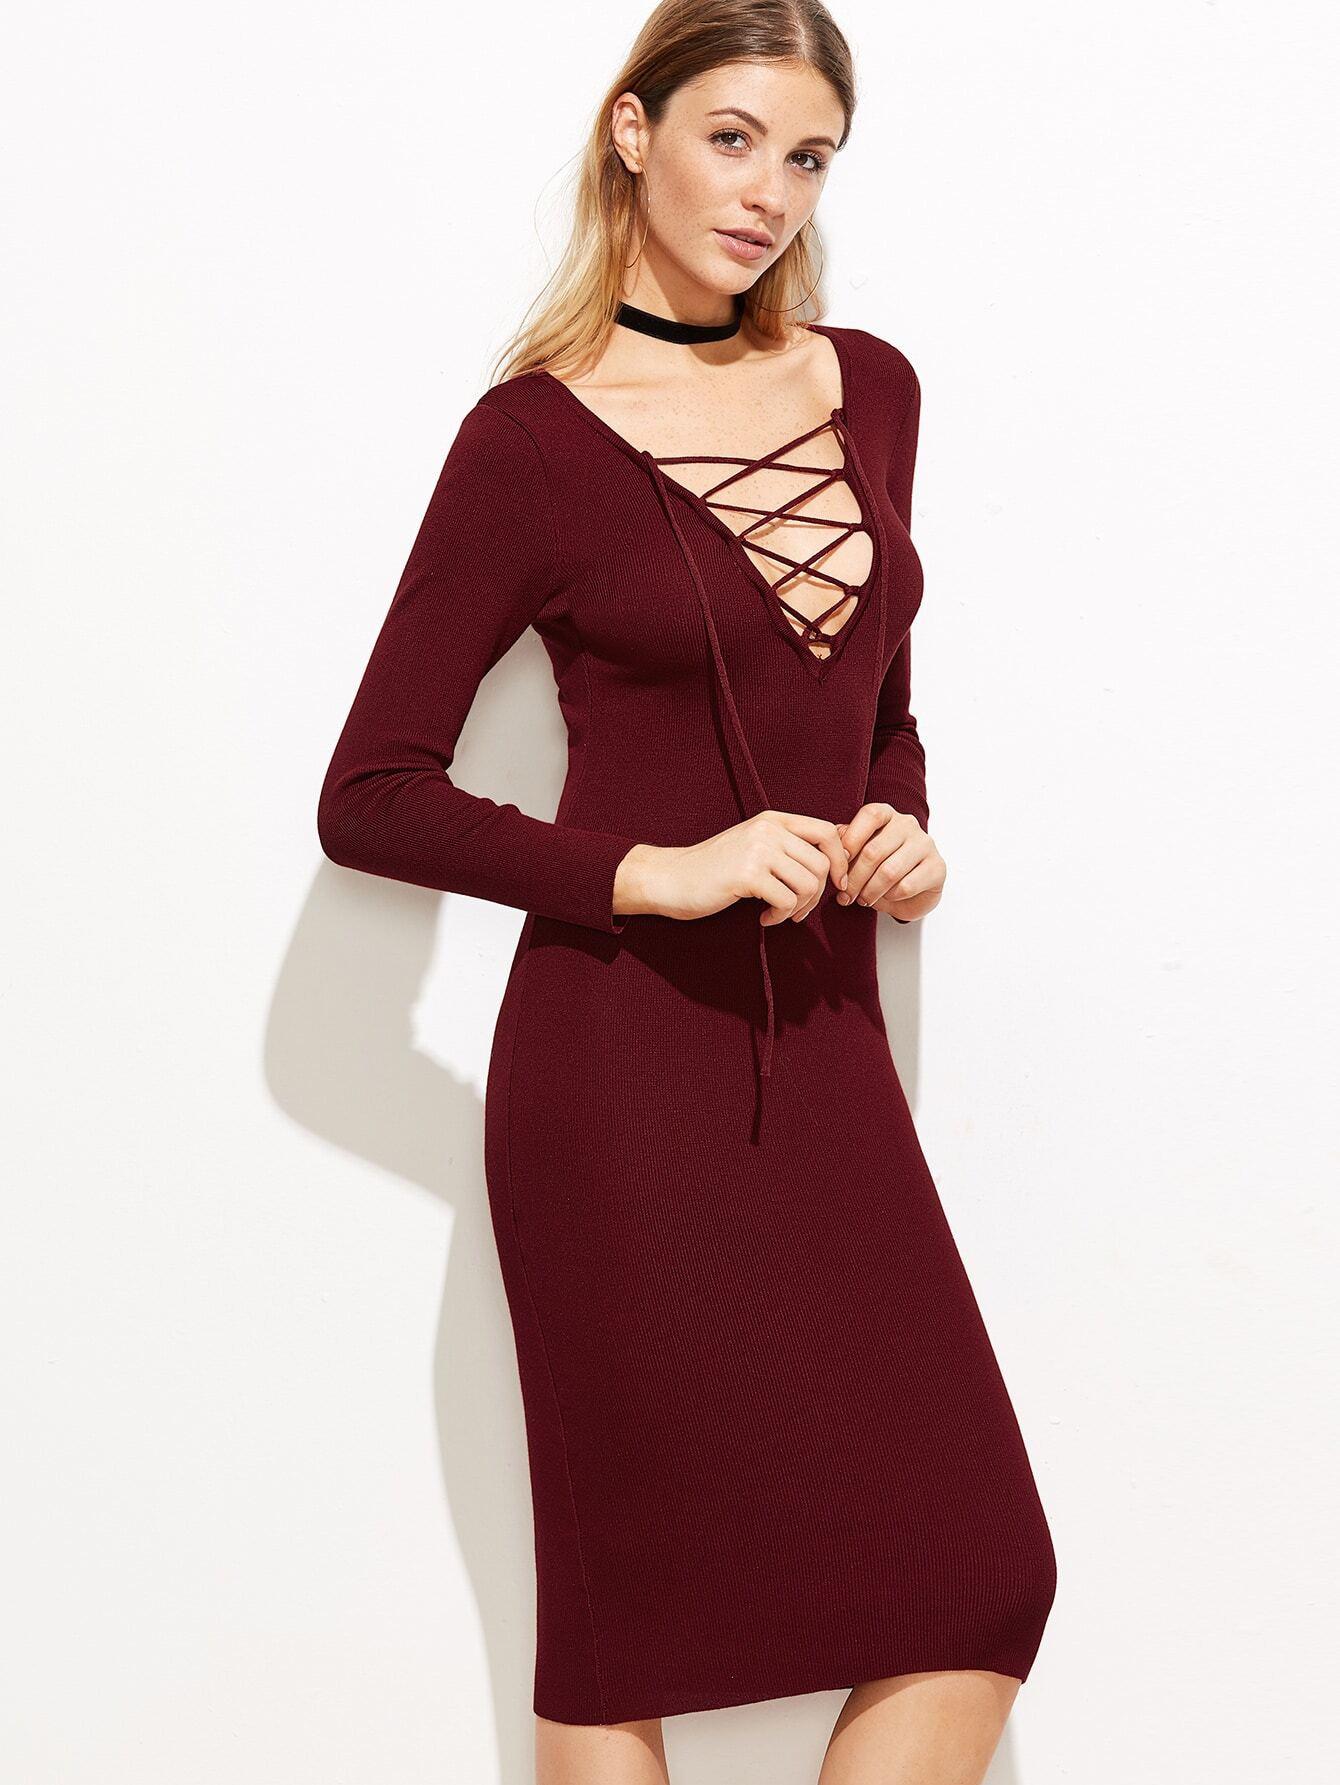 Pullover Kleid Mit Tiefem Vausschnitt Schnüren Burgund